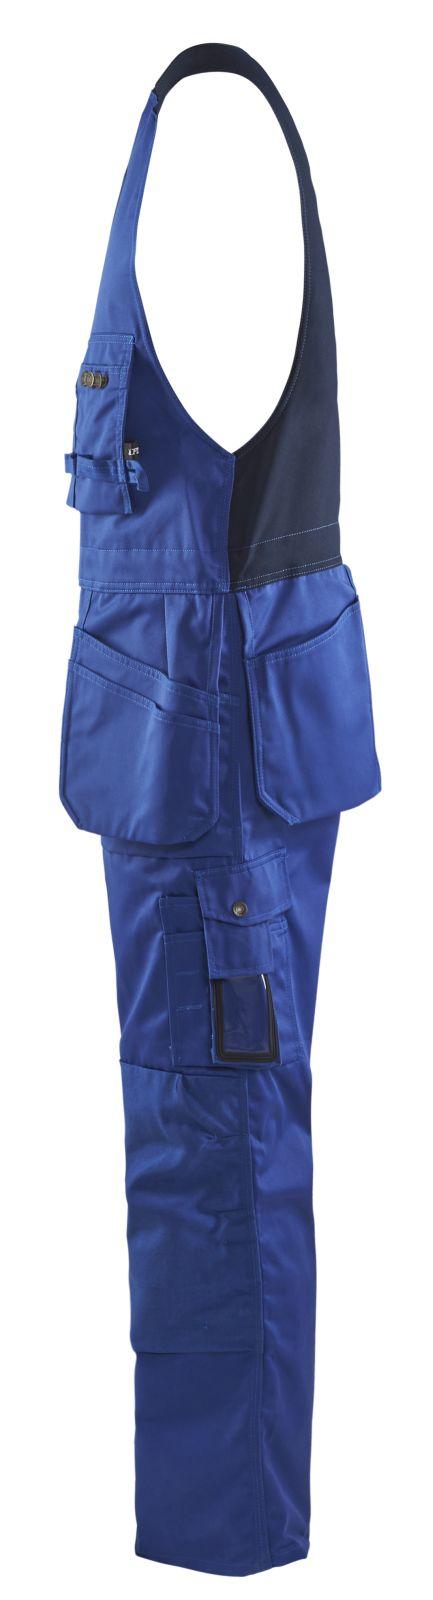 Blaklader Bodybroeken 26501800 korenblauw(8500)